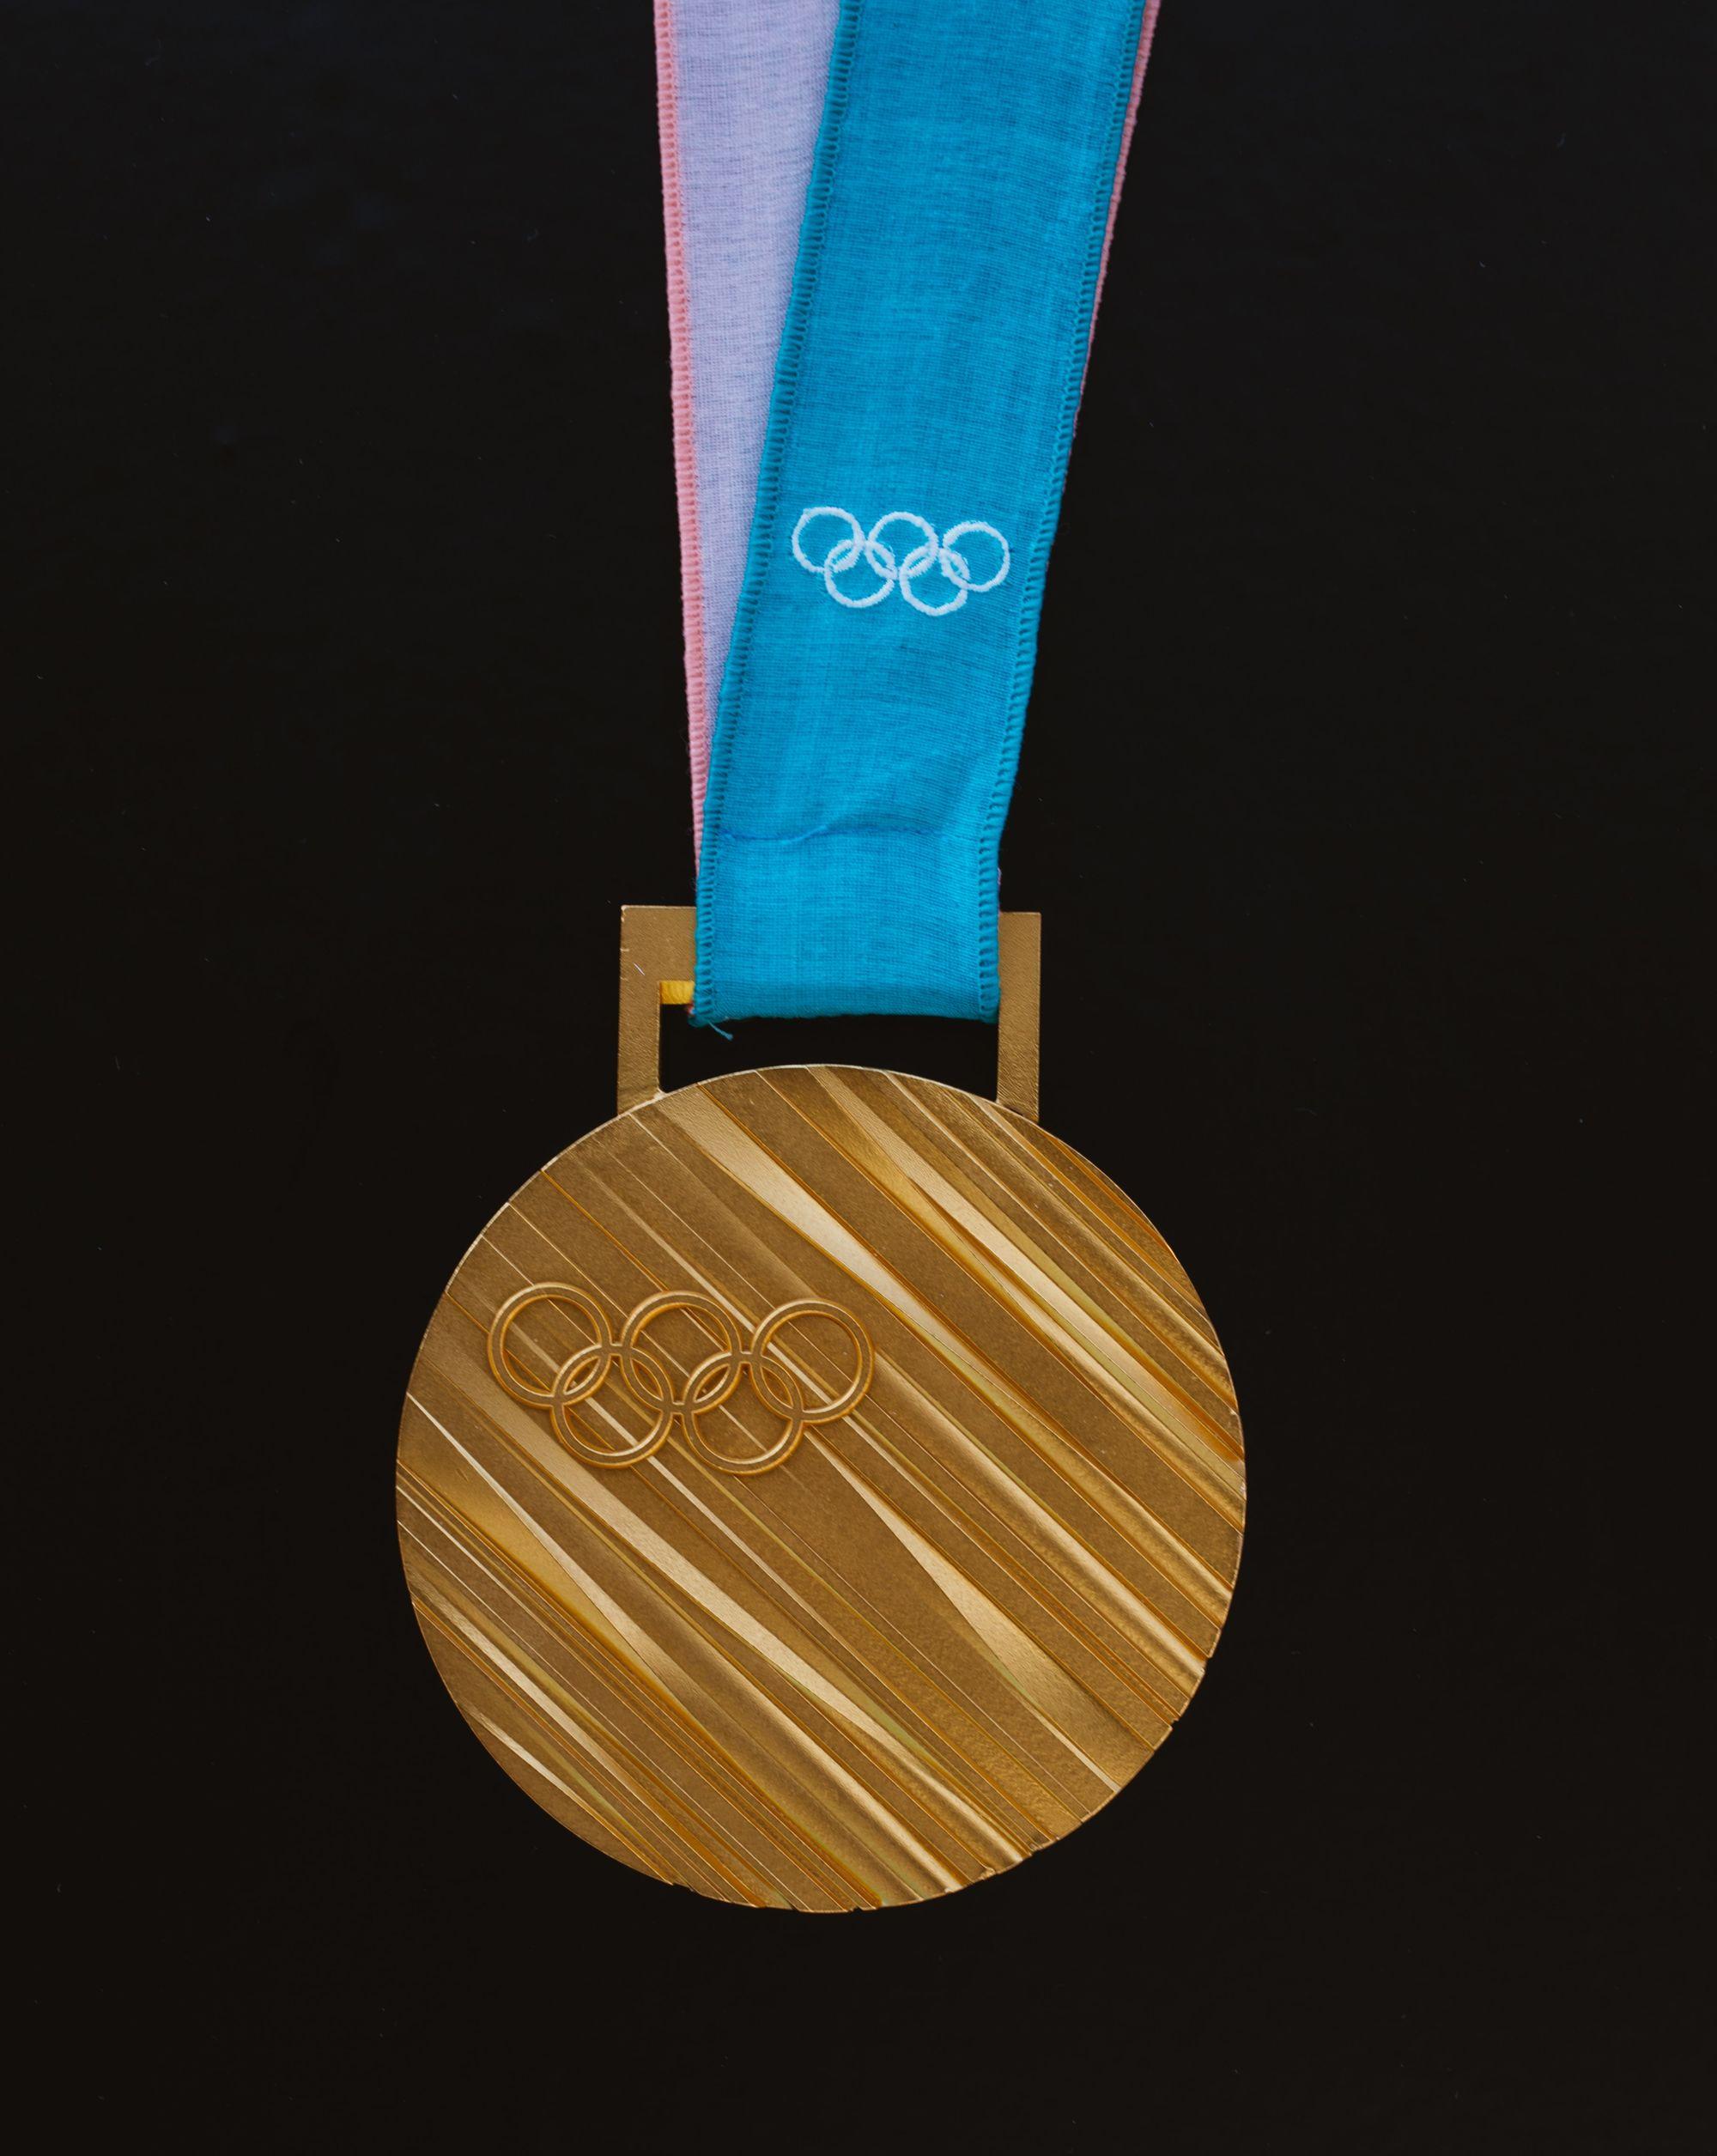 juegos olimpicos tokyo 2021